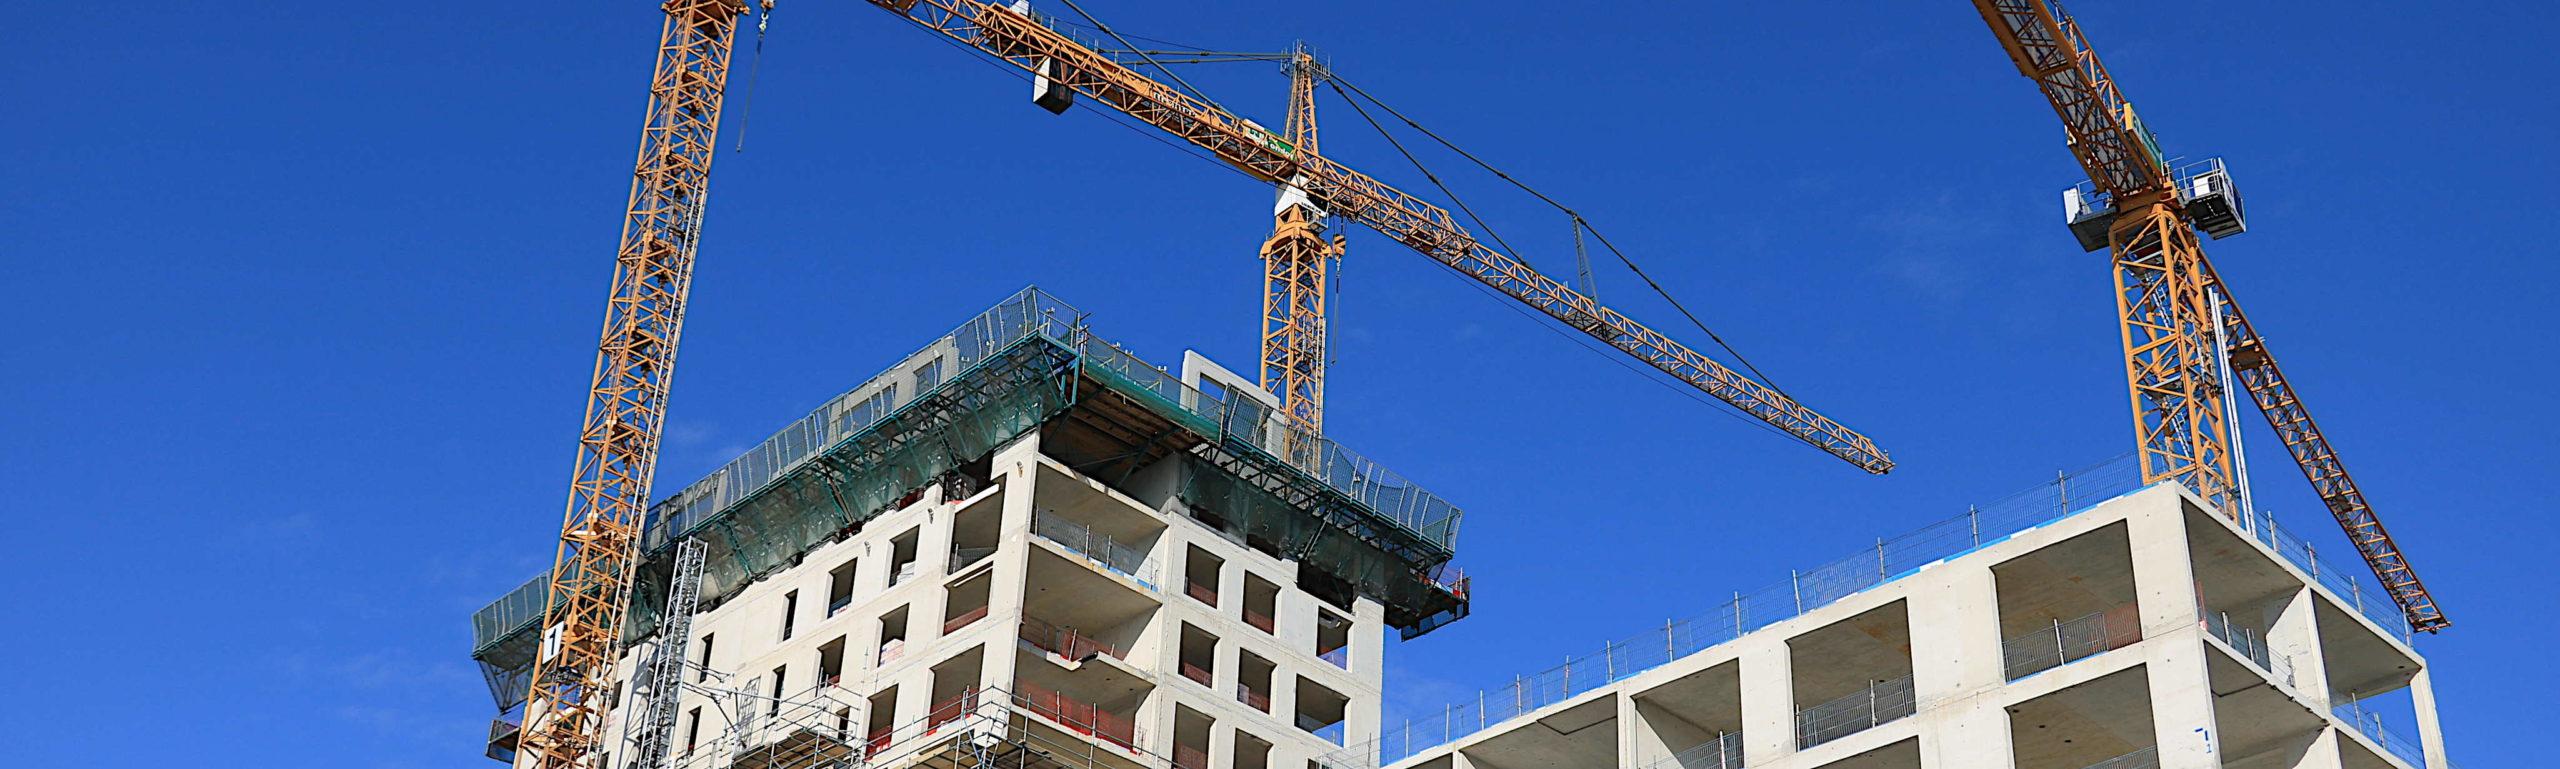 Progettazione cantiere edile.